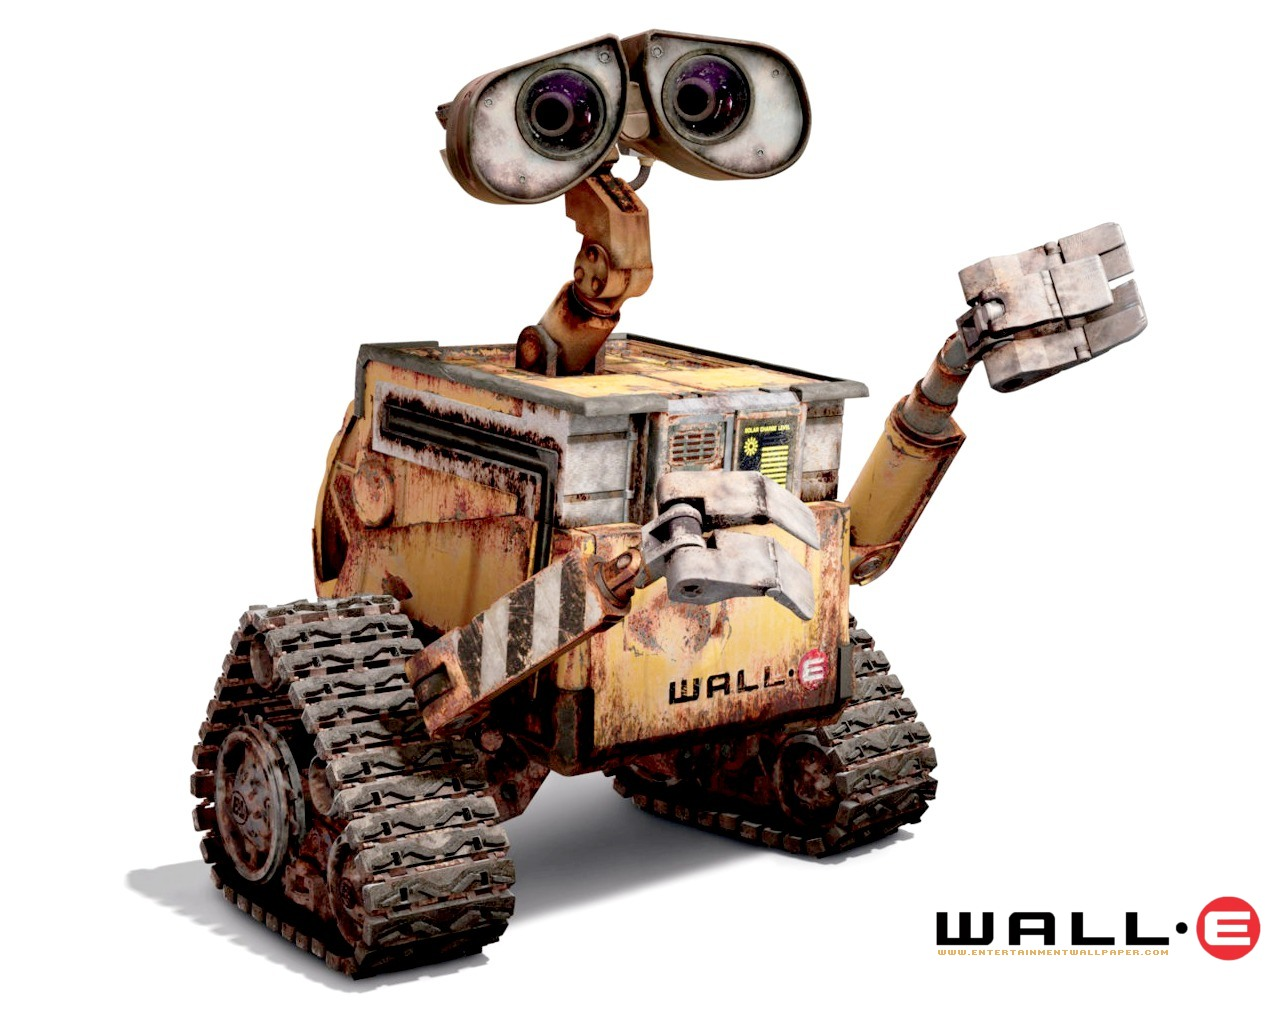 WALL E 机器人瓦力 壁纸壁纸,动画电影 机器人总动员WALL E 全套